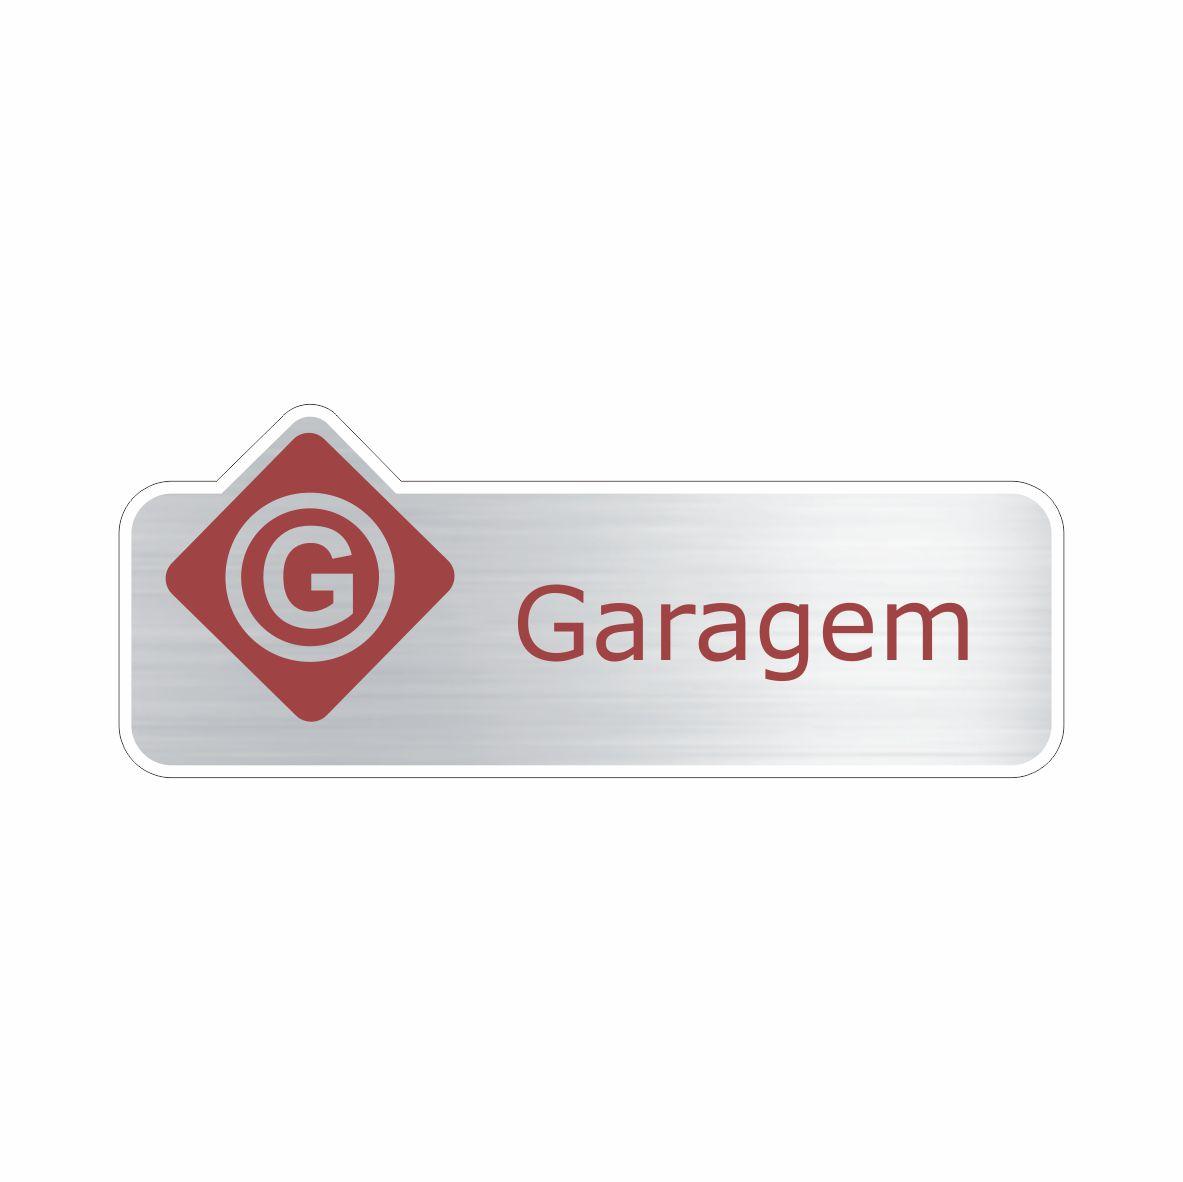 Garagem  - Towbar Sinalização de Segurança